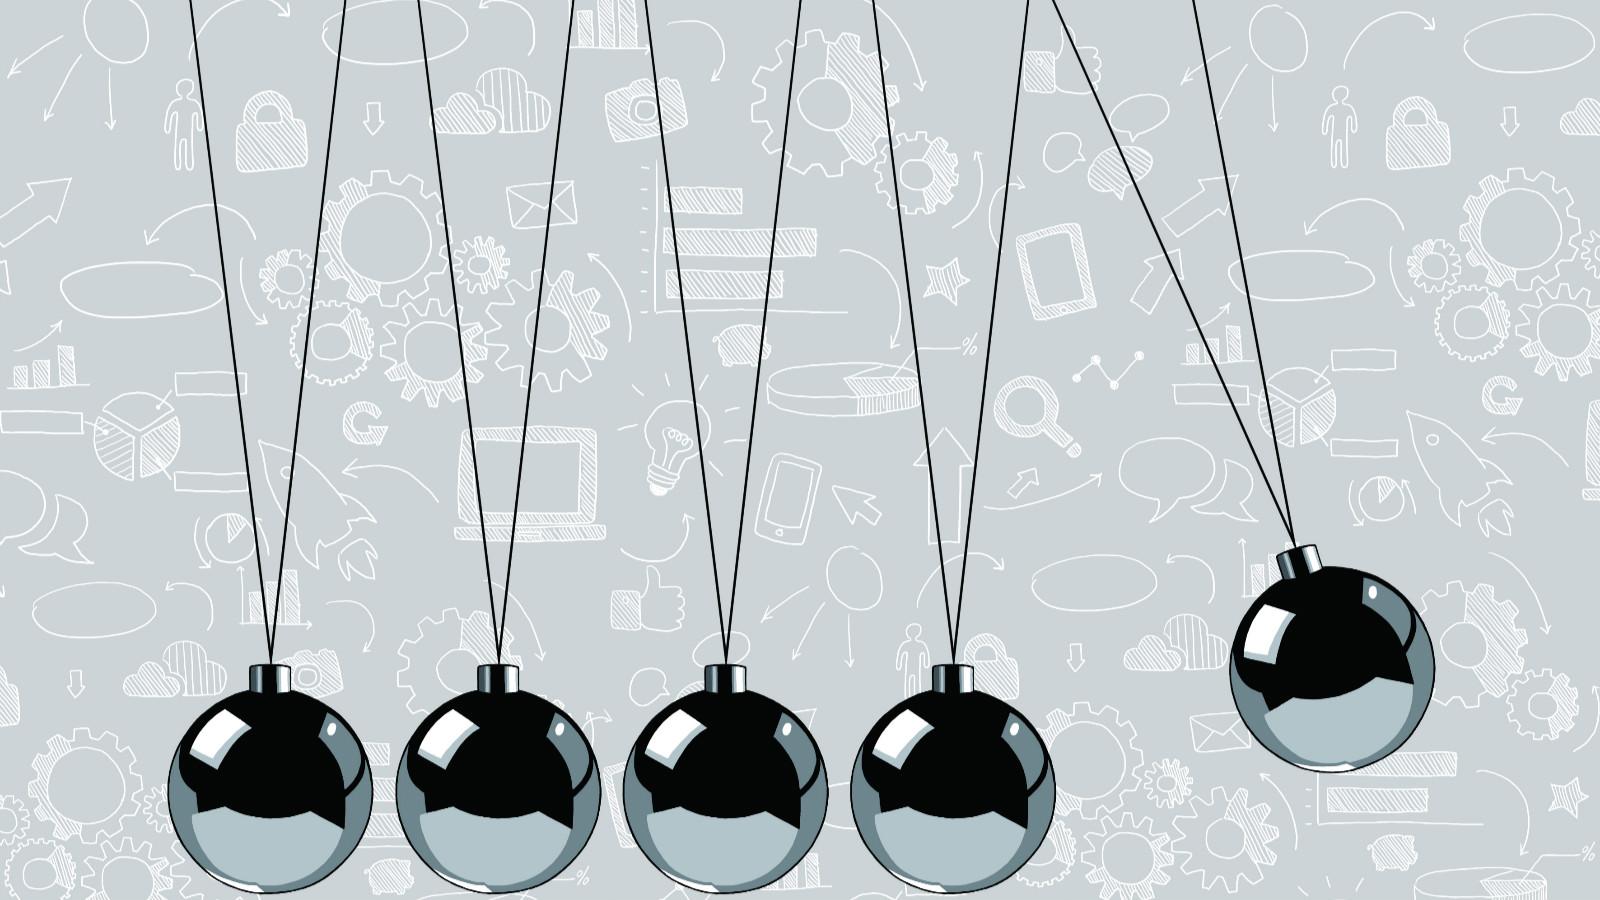 财险市场4年后终迎新主体,这家叫融通的公司有什么特别?